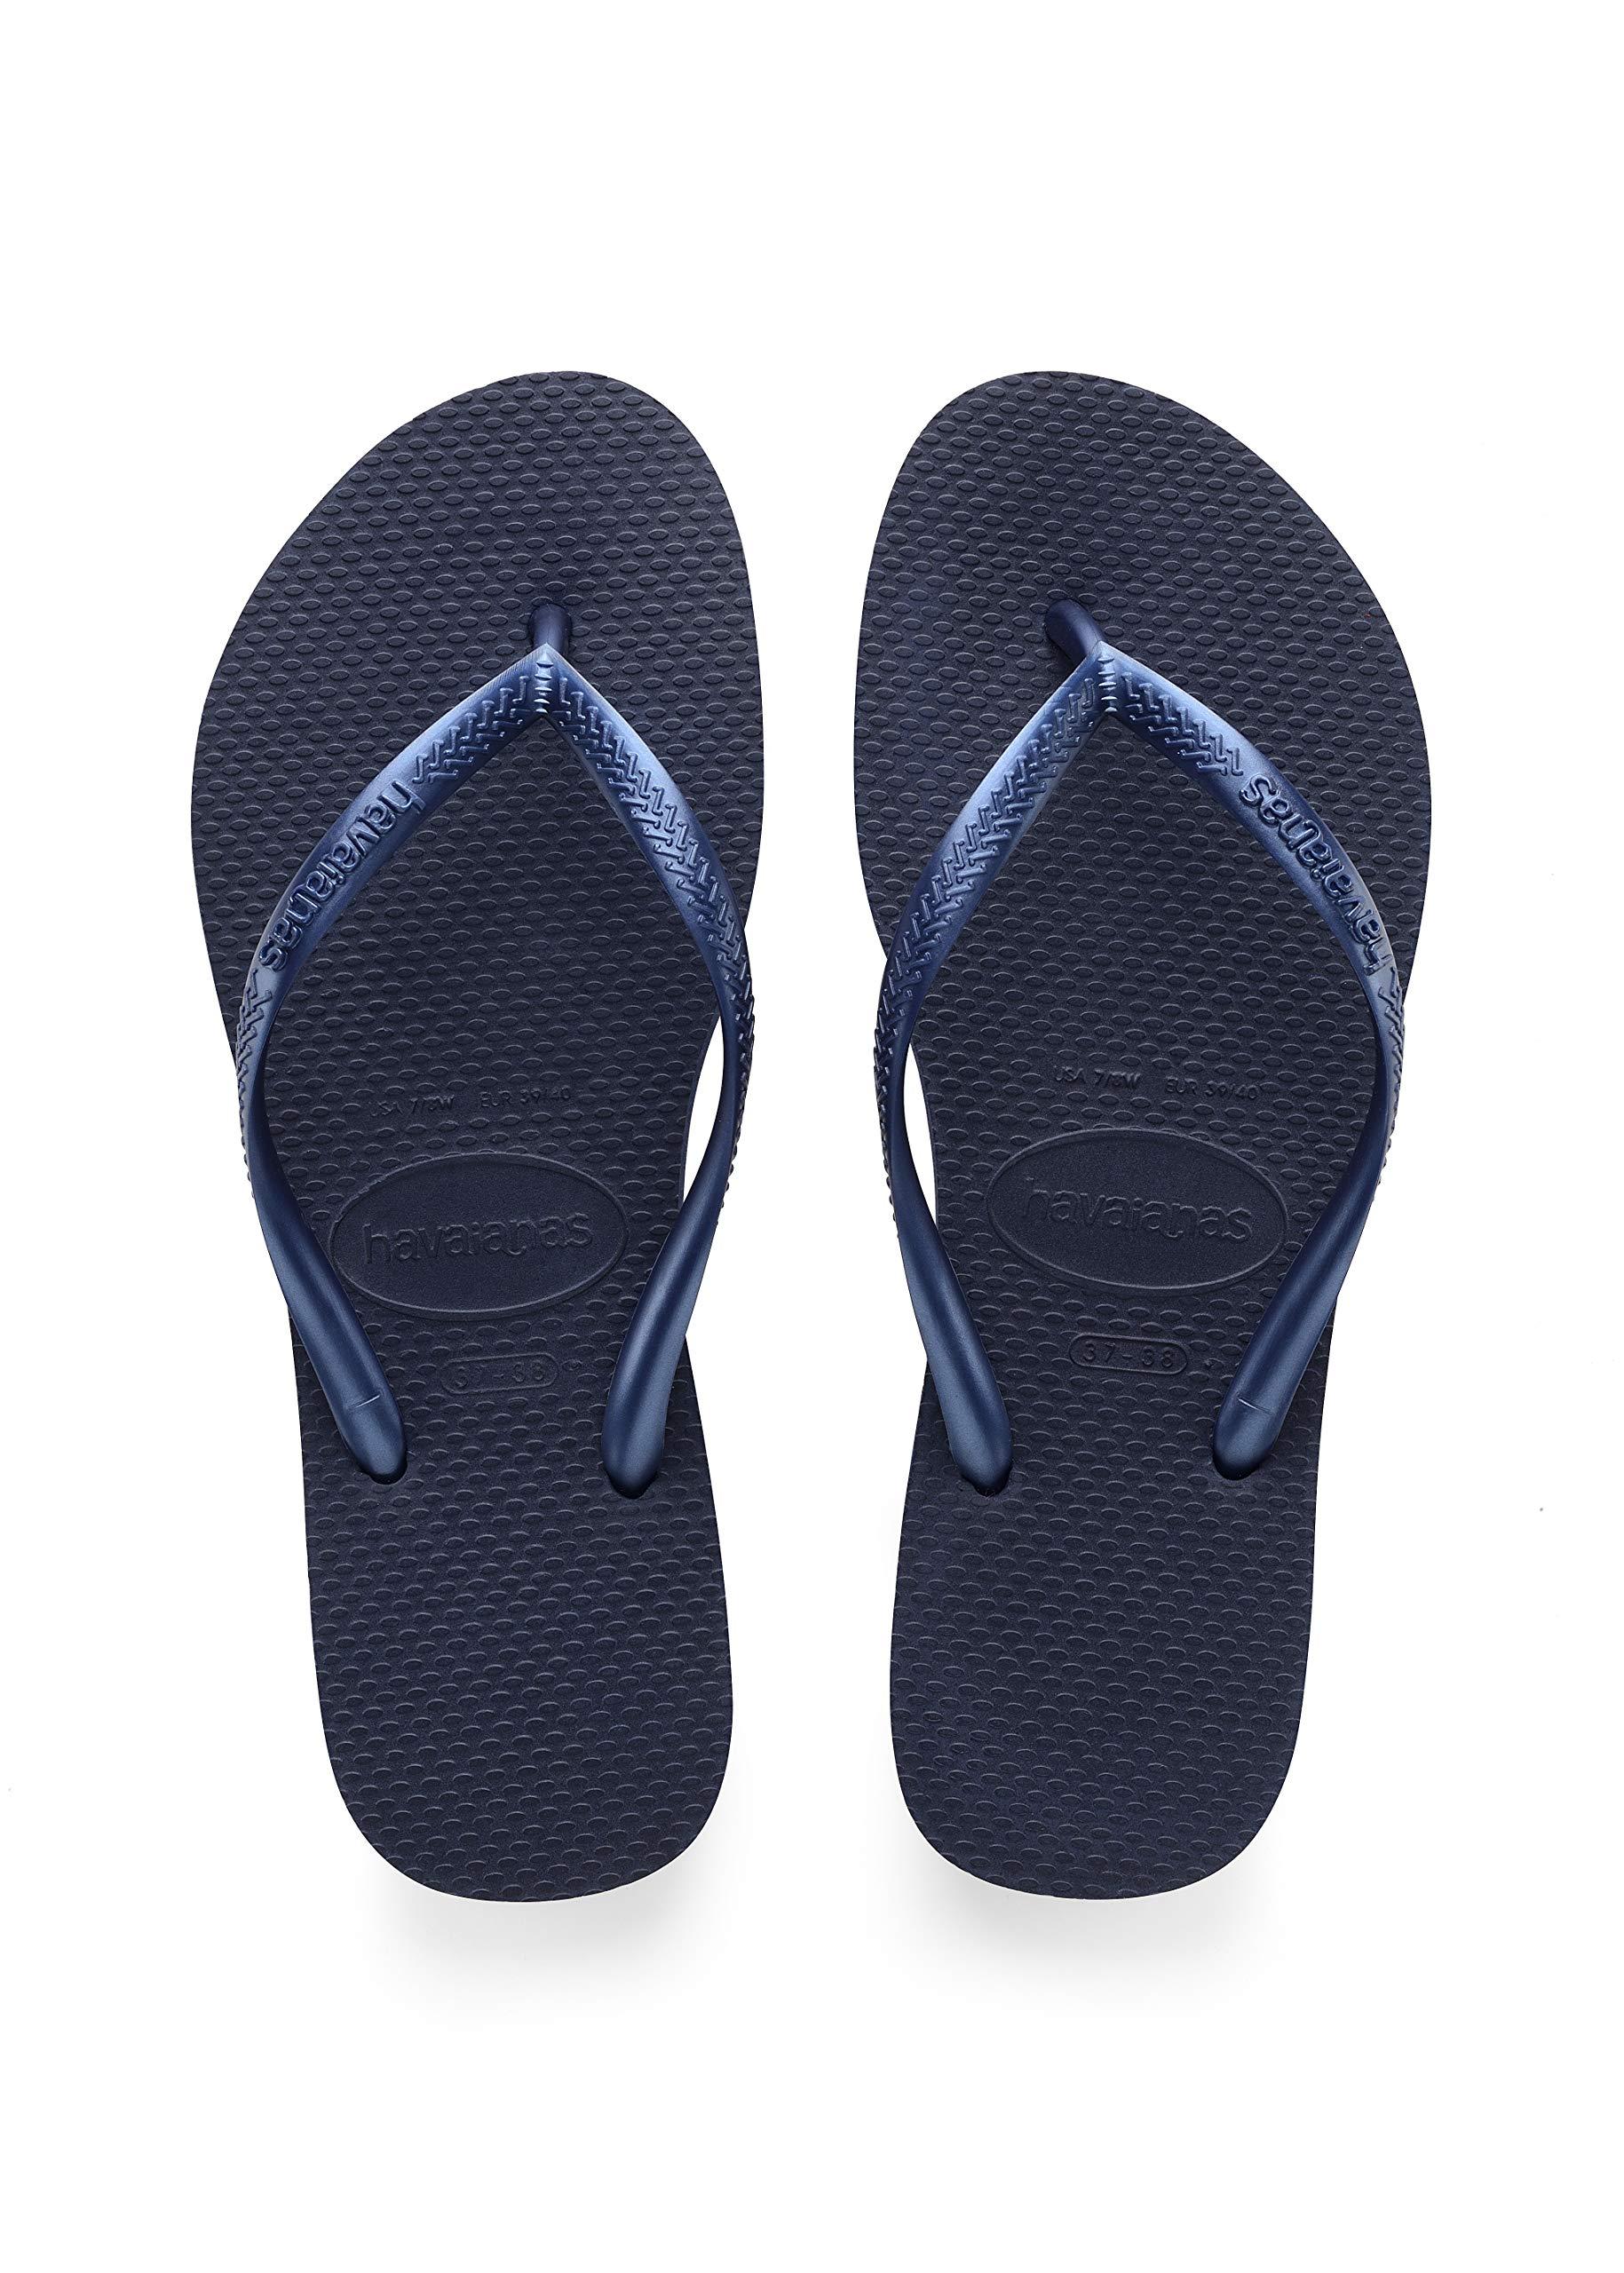 1e7d780c3a6bf Galleon - Havaianas Women s Slim Flip Flop Sandal